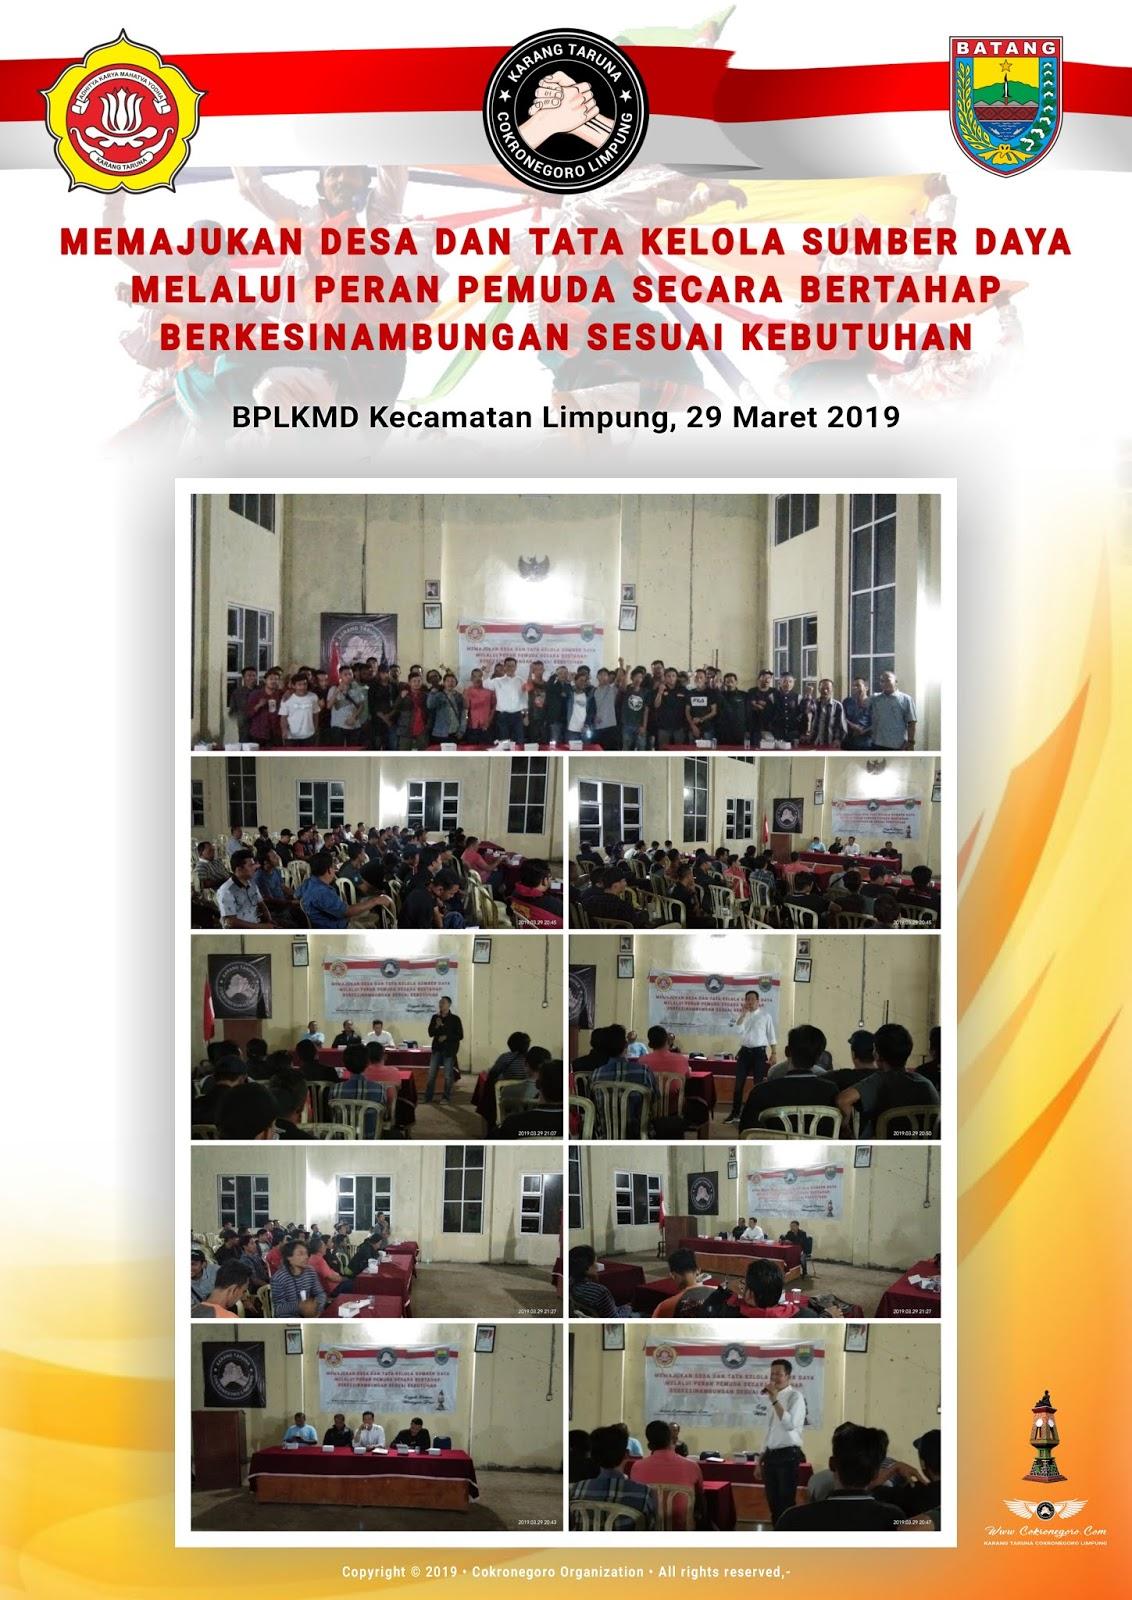 Silaturahmi & Sosialisasi Karang Taruna - 29 Maret 2019